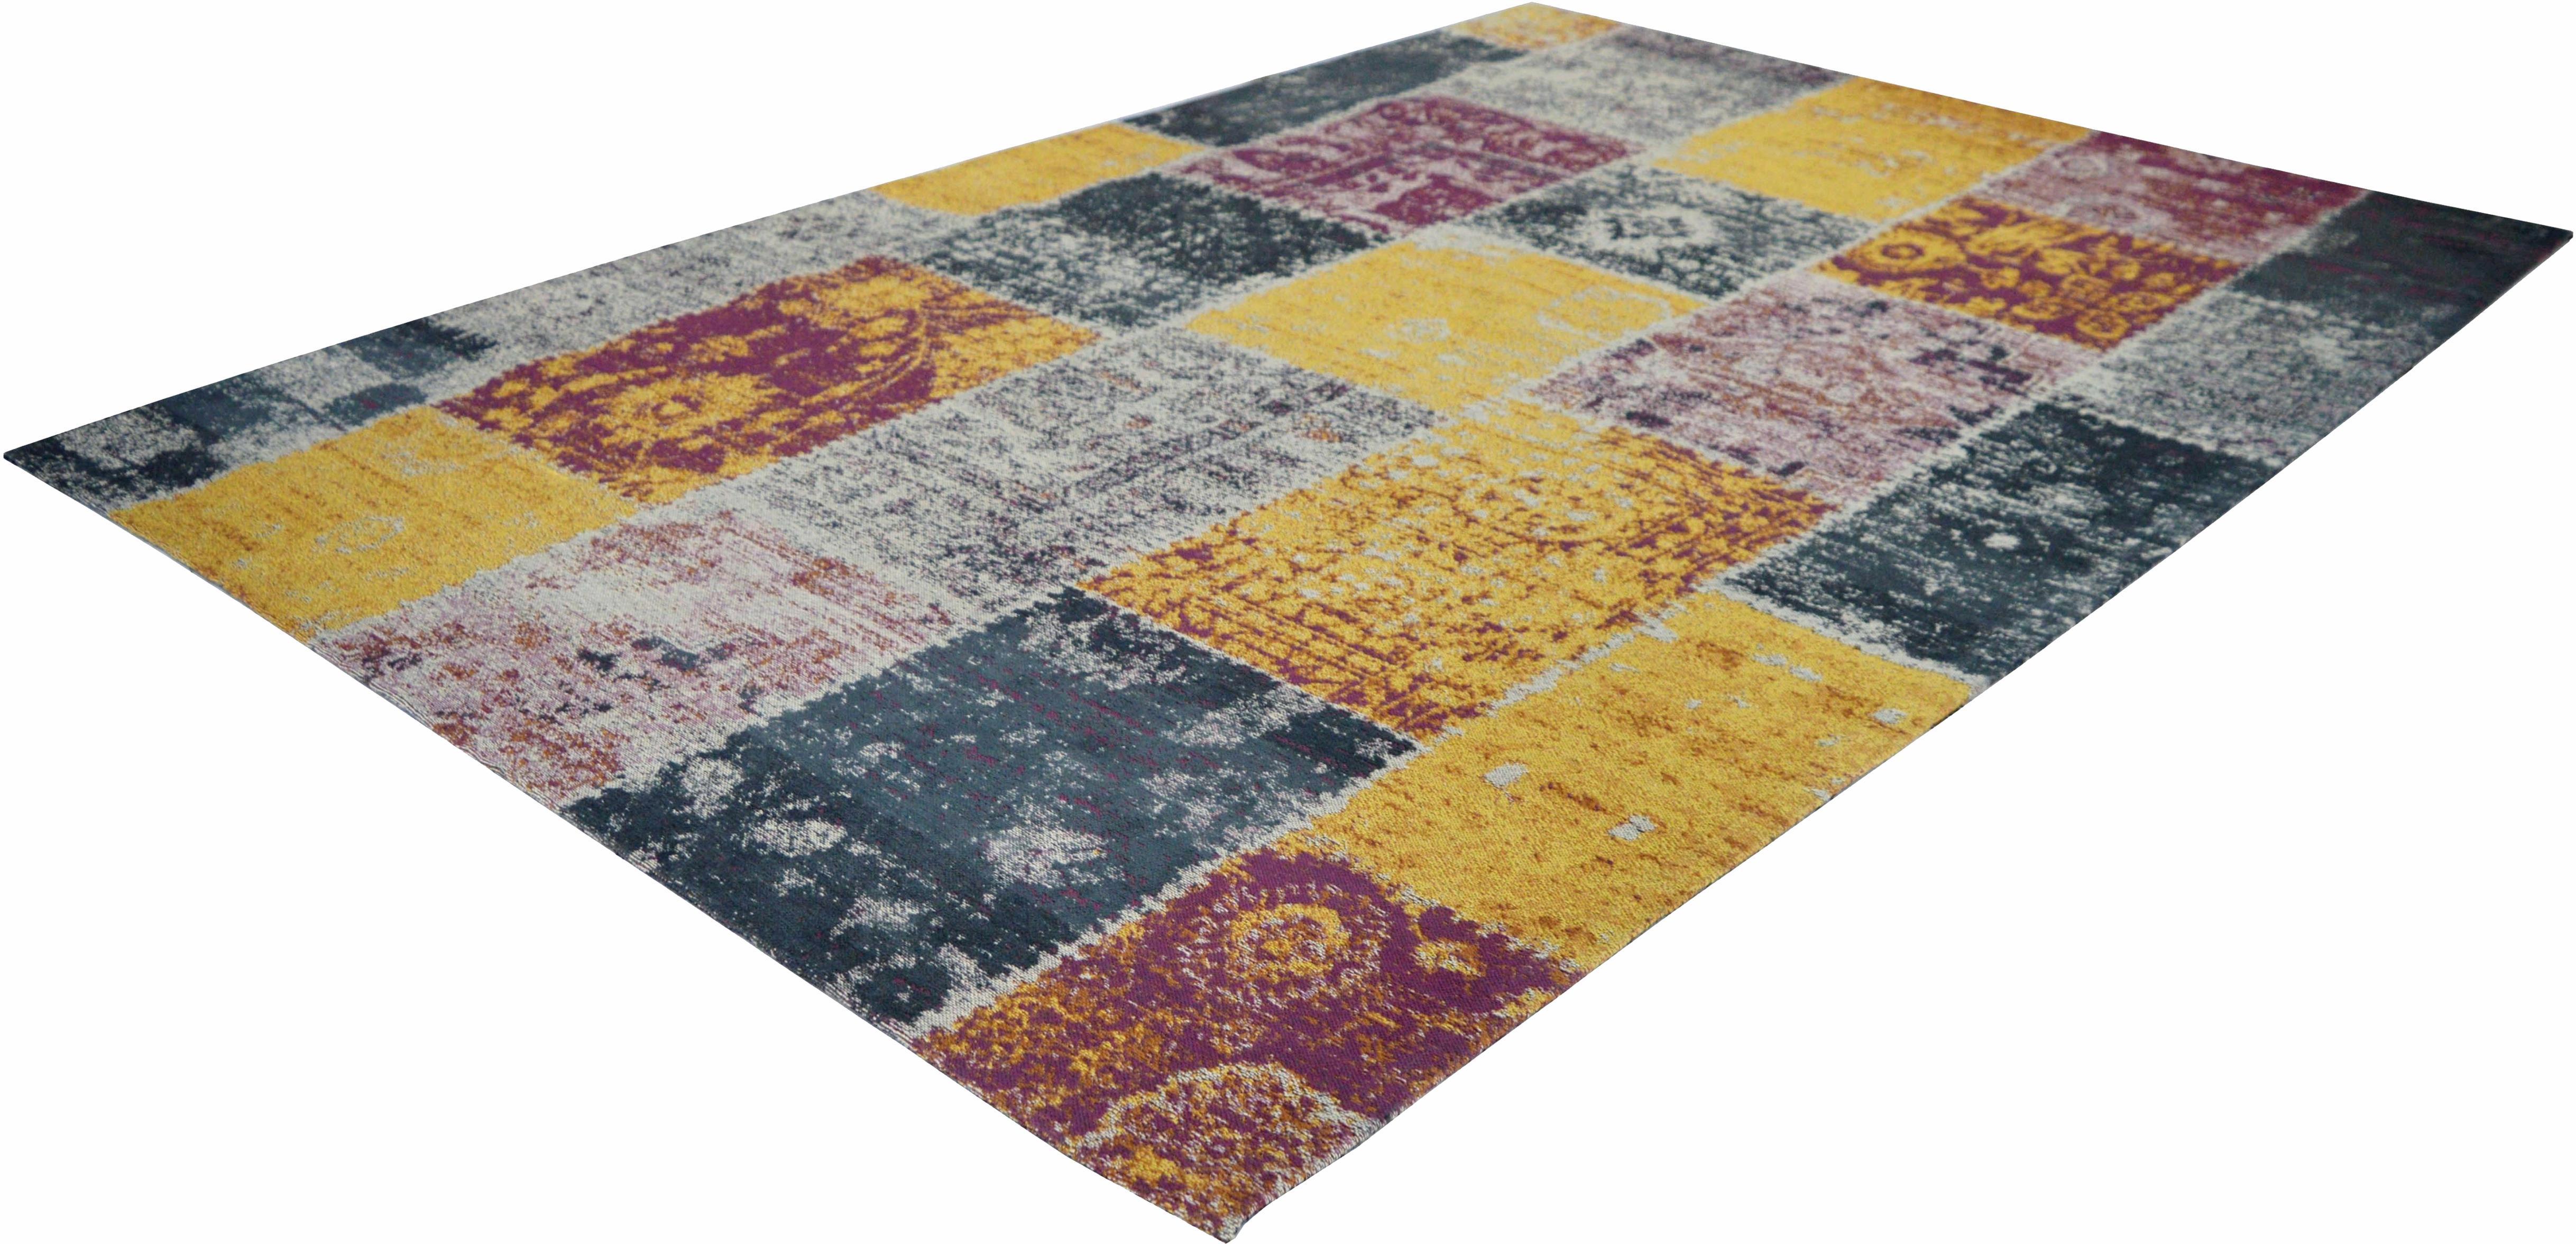 Teppich, »Solitaire 310«, Kayoom, rechteckig, Höhe 8 mm, handgewebt